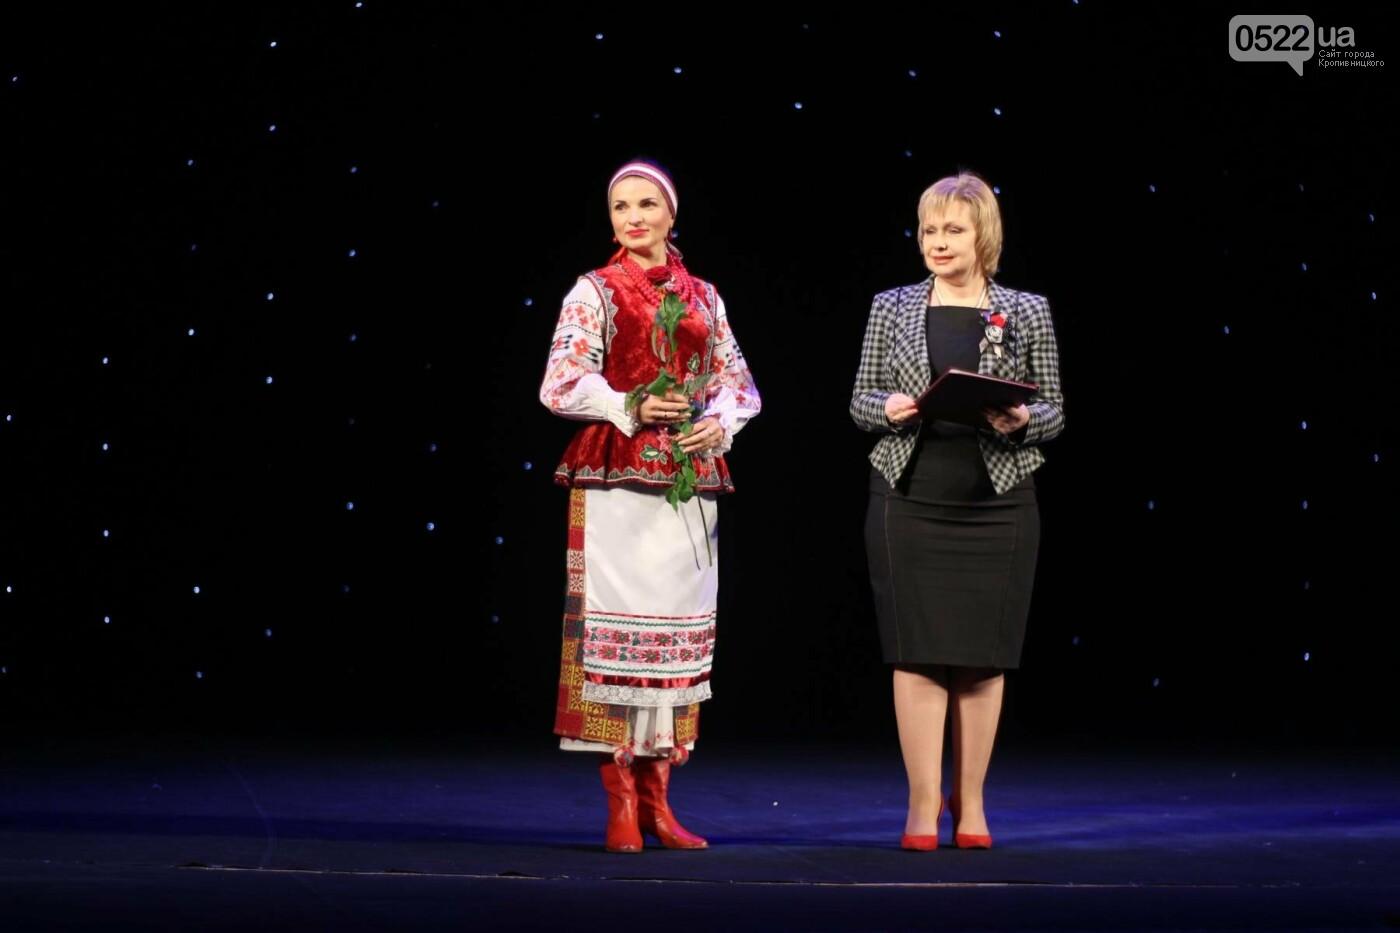 Урочистості до Міжнародного дня людей з інвалідністю відбулися у Кропивницькому, фото-7